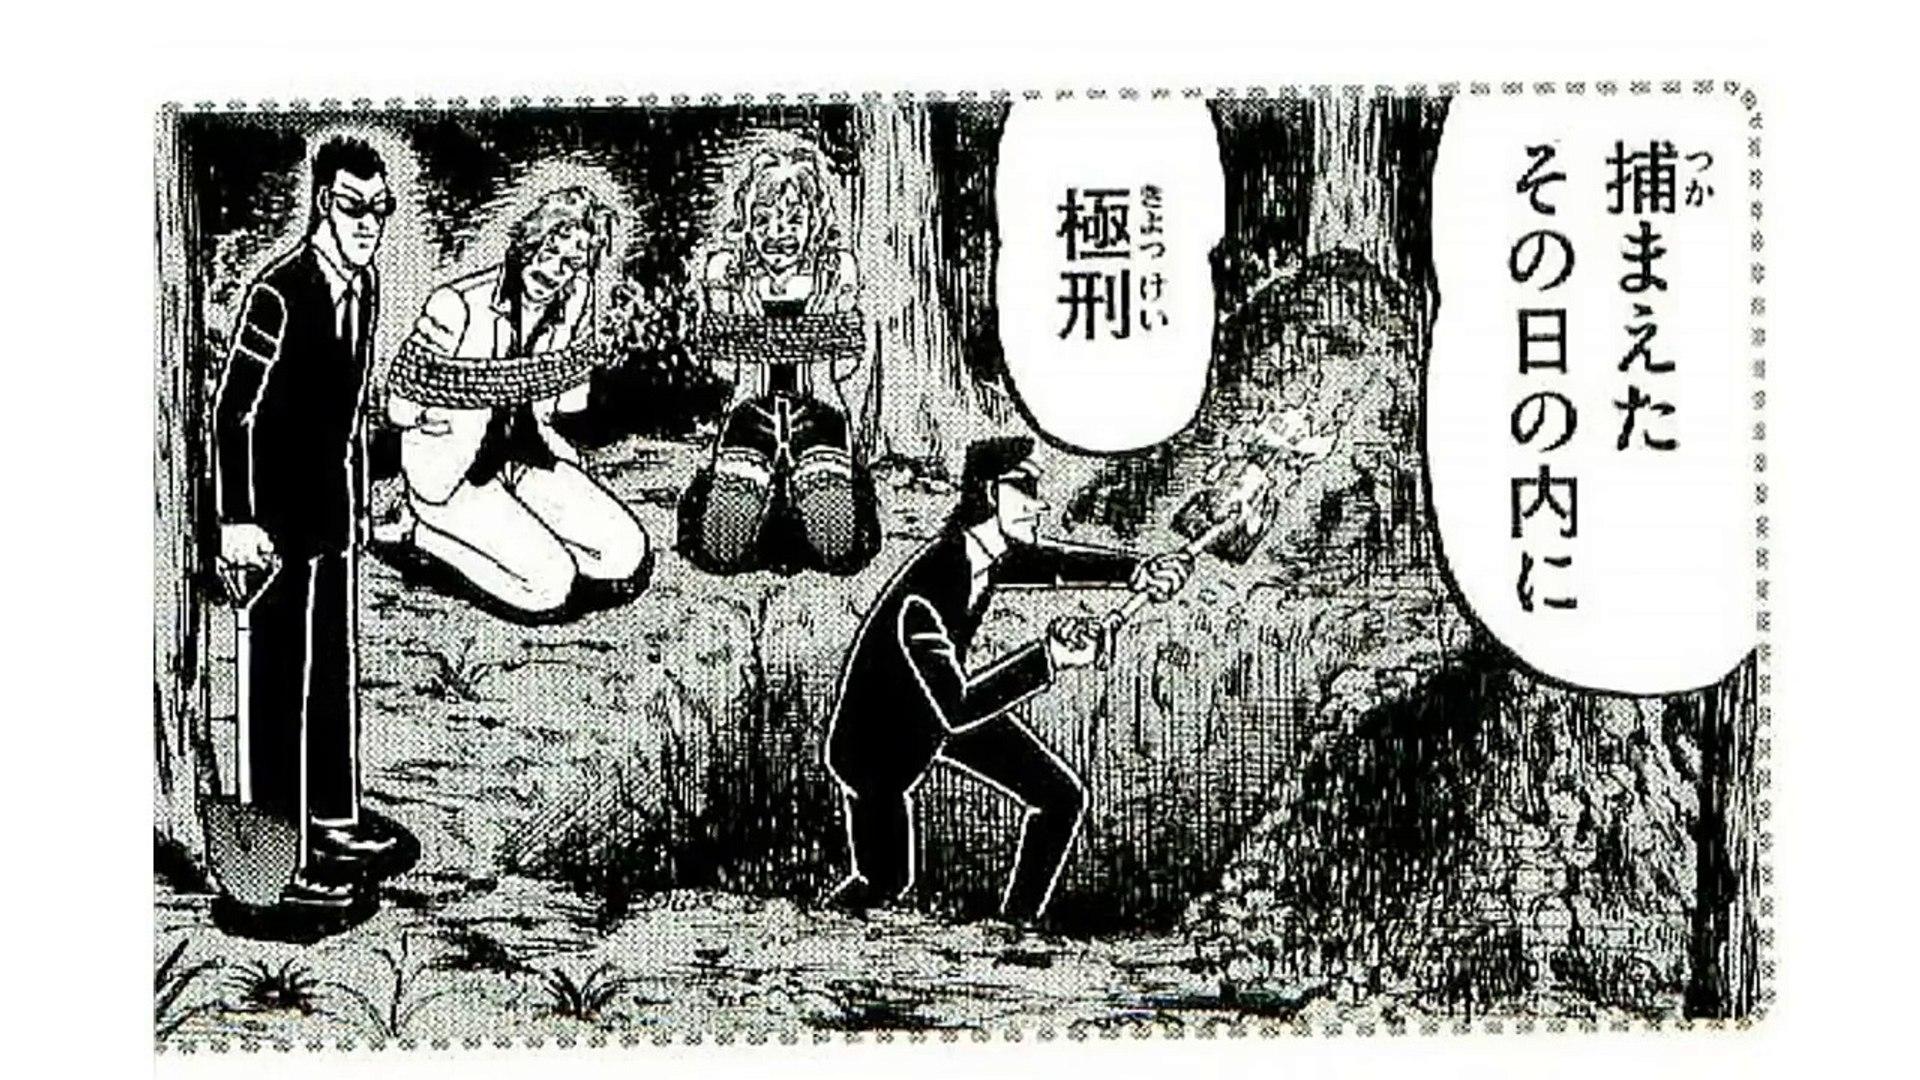 親子似ていない 兵藤会長の息子 兵藤和也とは 恋愛小説家志望